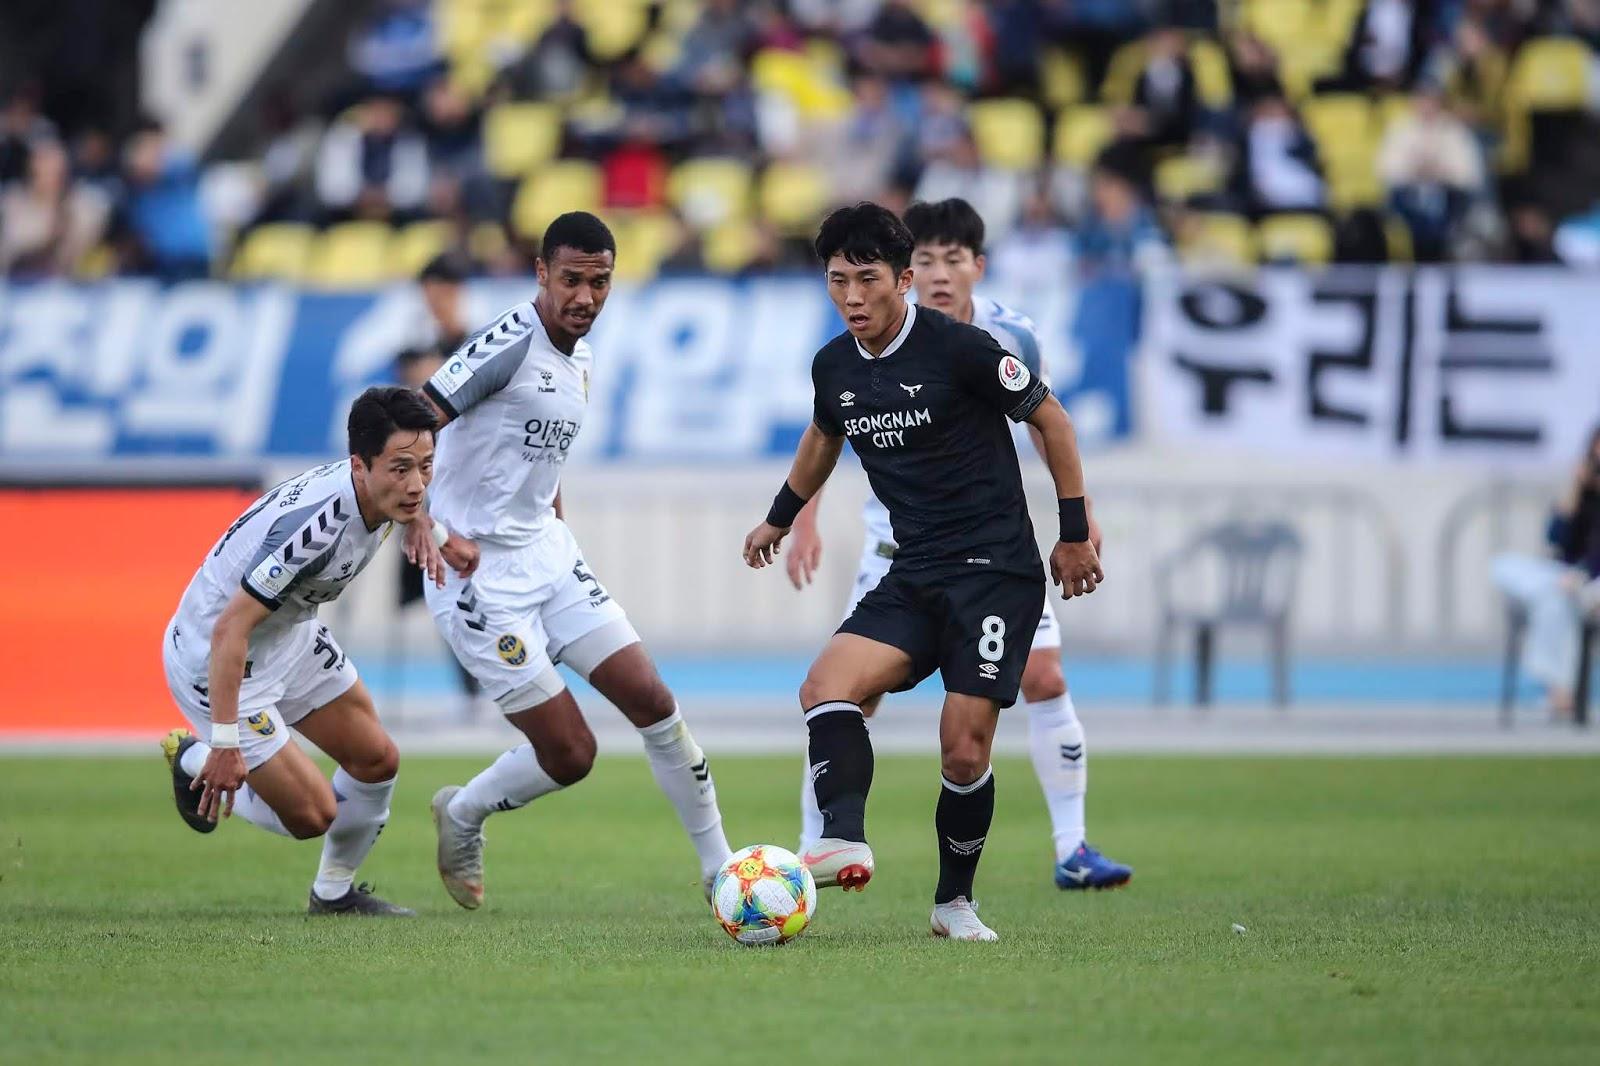 「韩K联」赛事前瞻:尚州尚武vs城南FC,尚州尚武略胜一筹